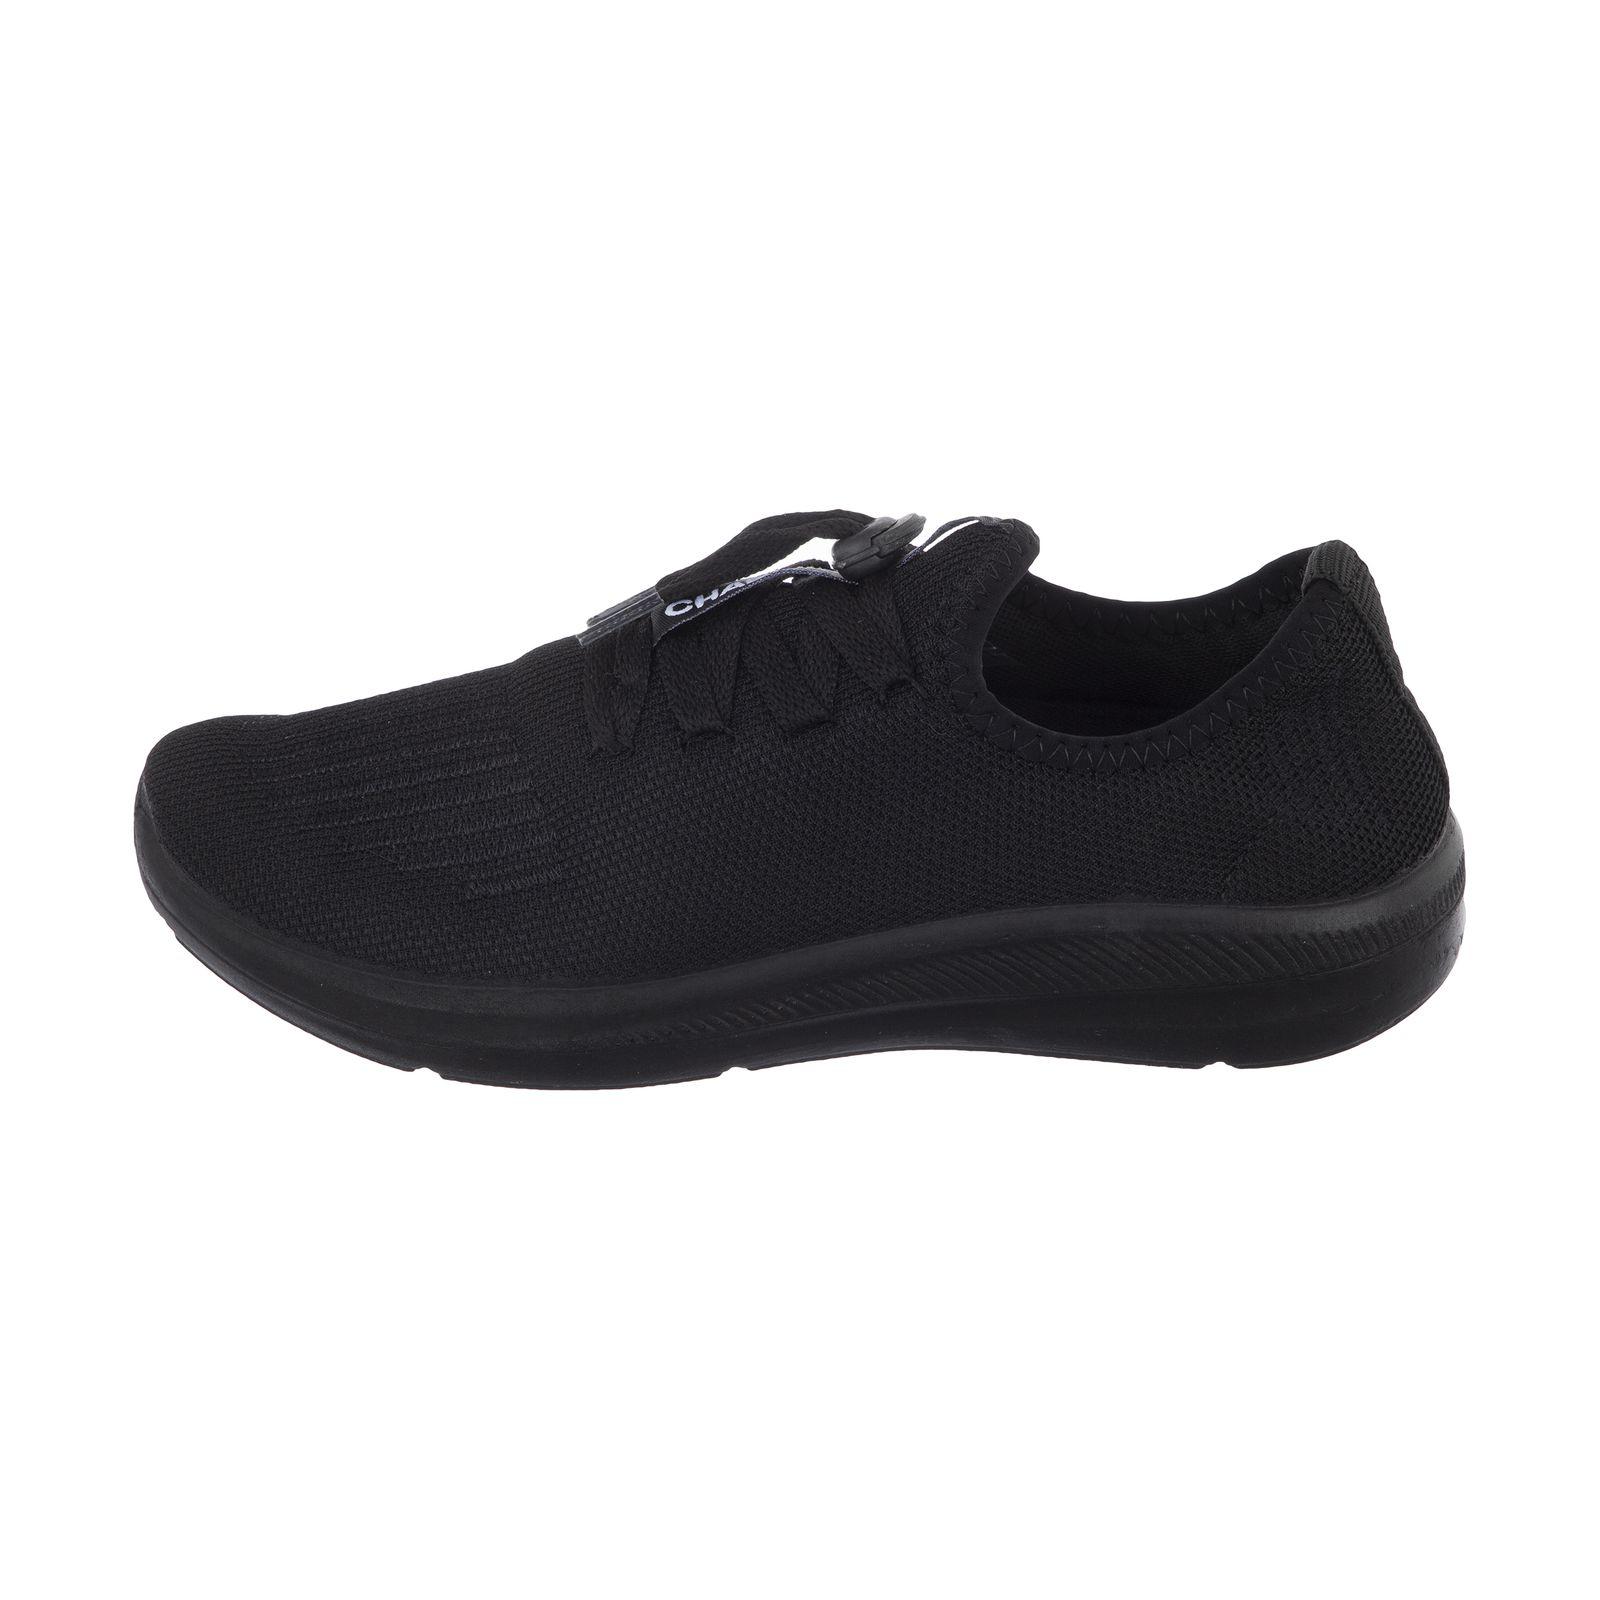 کفش راحتی چابک مدل آرشام رنگ مشکی -  - 2